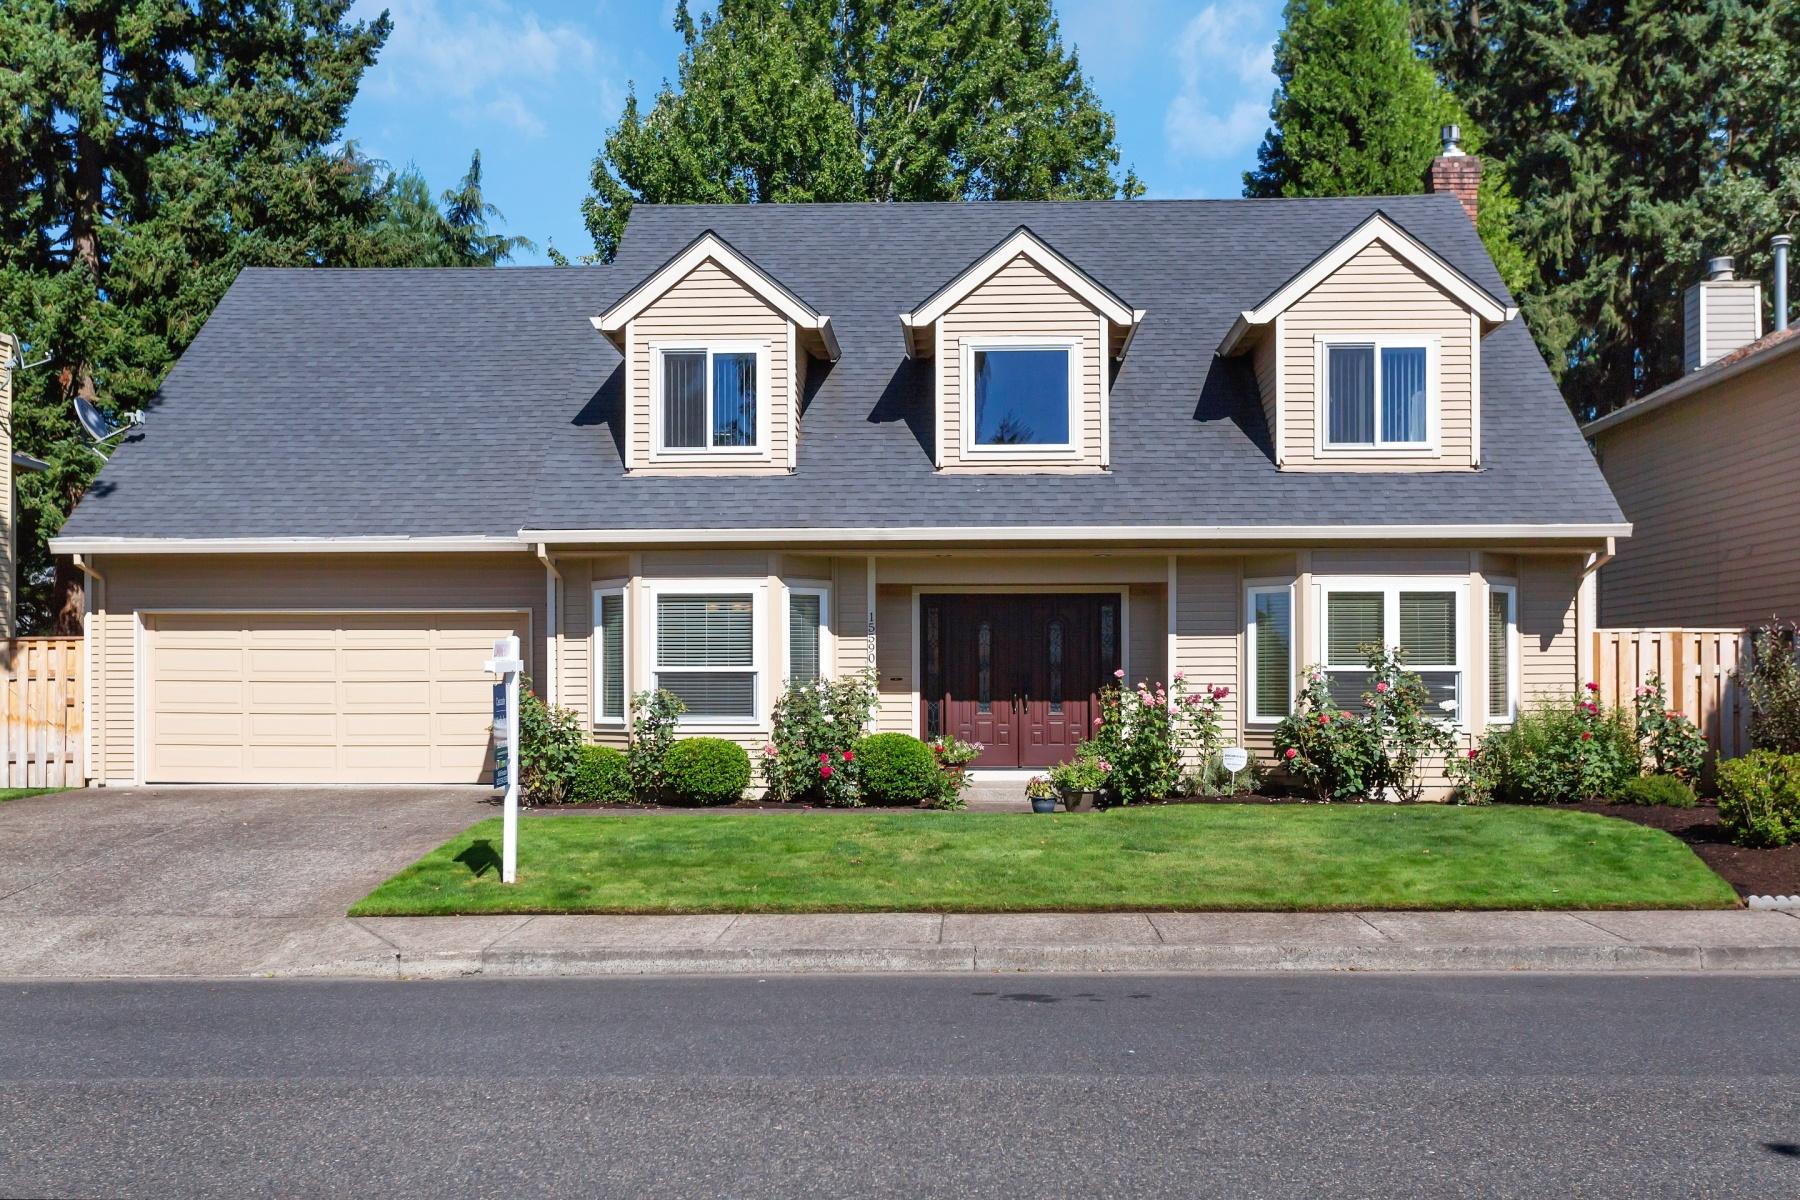 Nhà ở một gia đình vì Bán tại 15590 TANAGER DR, LAKE OSWEGO Lake Oswego, Oregon 97035 Hoa Kỳ